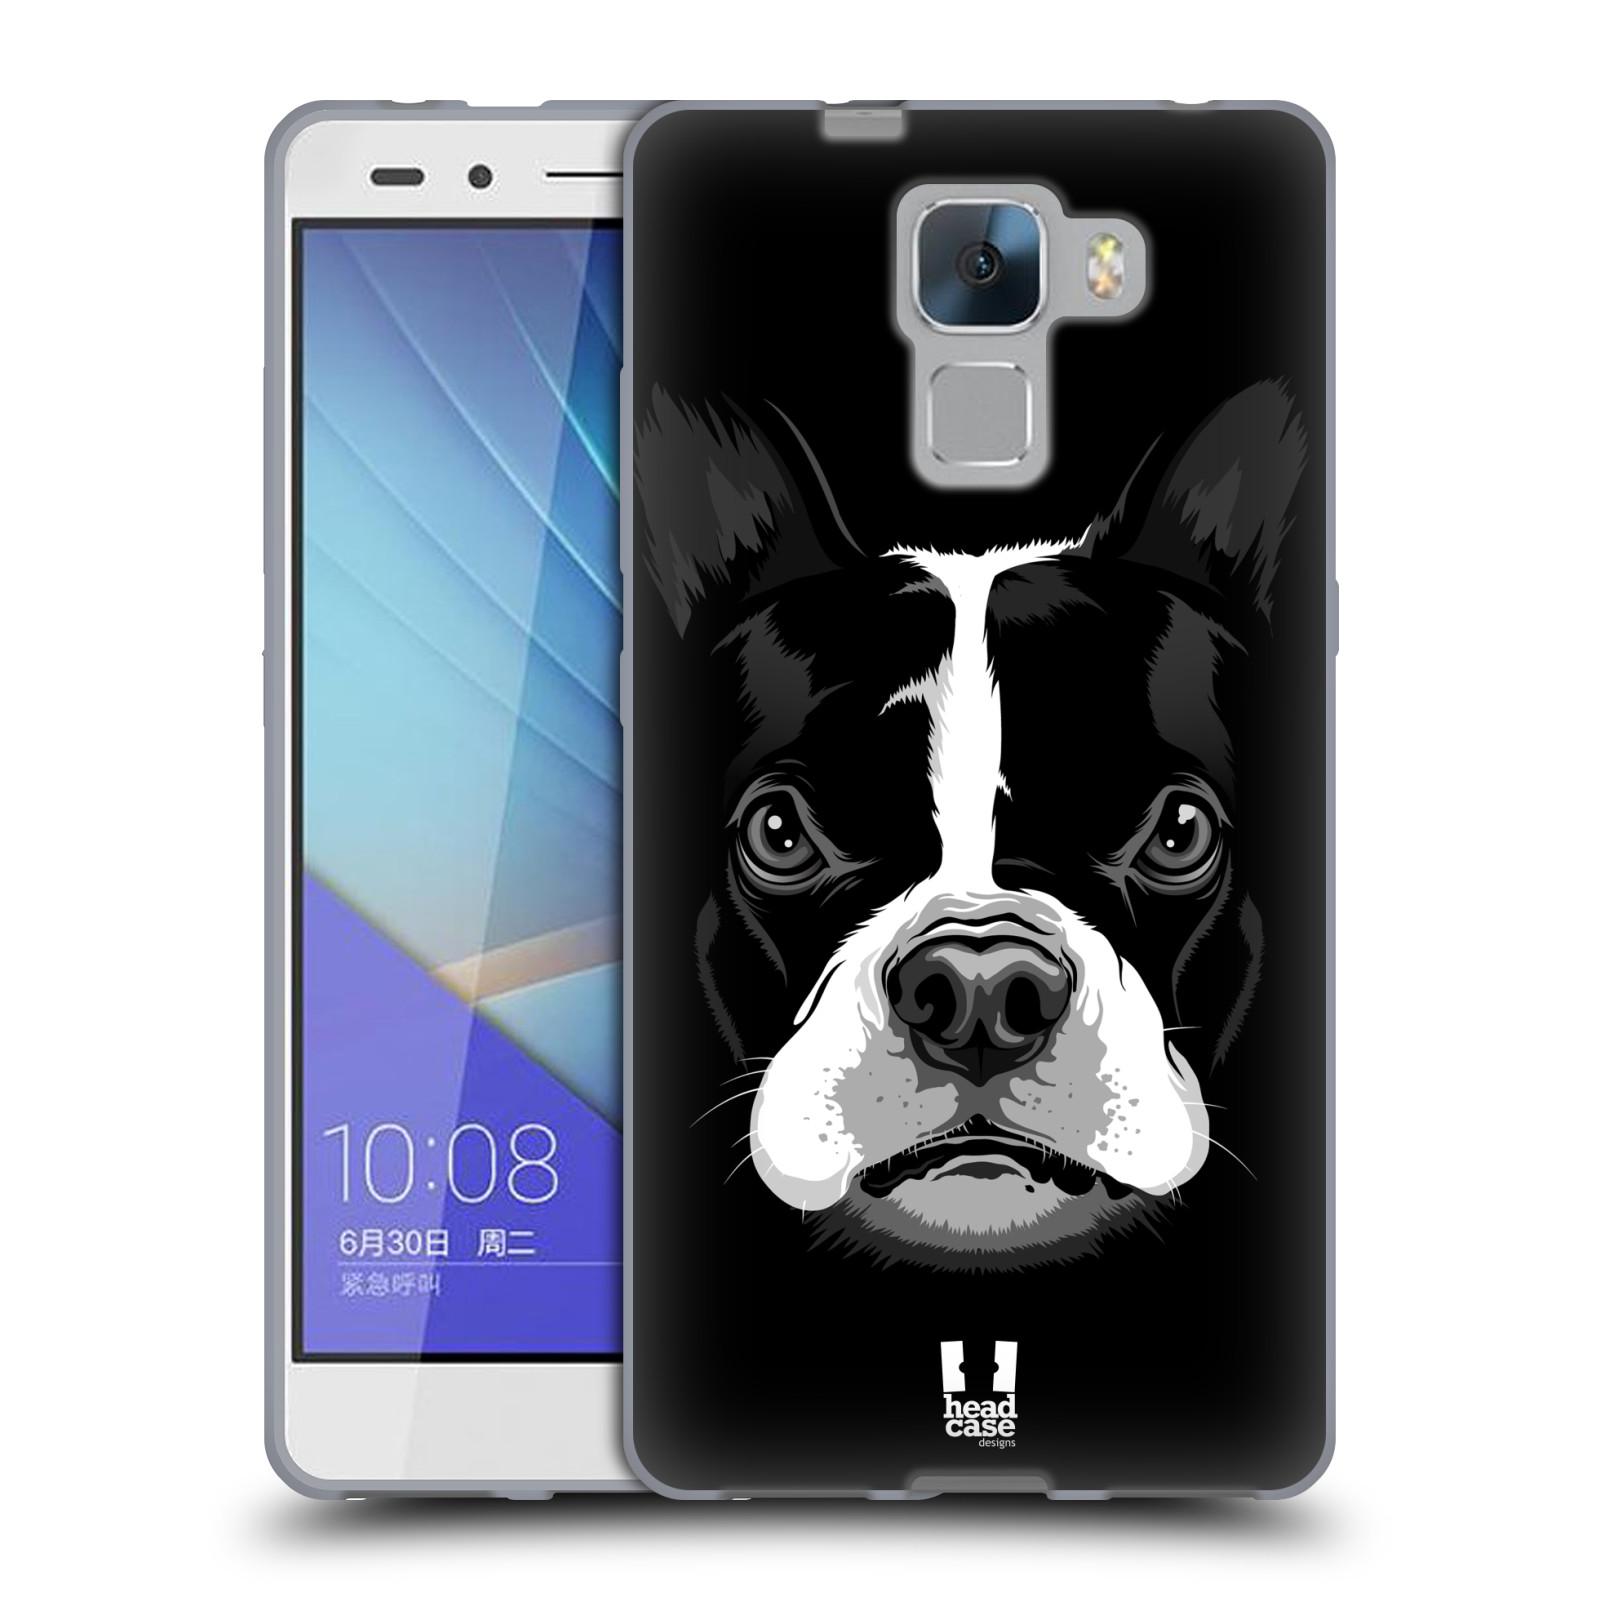 Silikonové pouzdro na mobil Honor 7 HEAD CASE ILUSTROVANÝ BULDOČEK